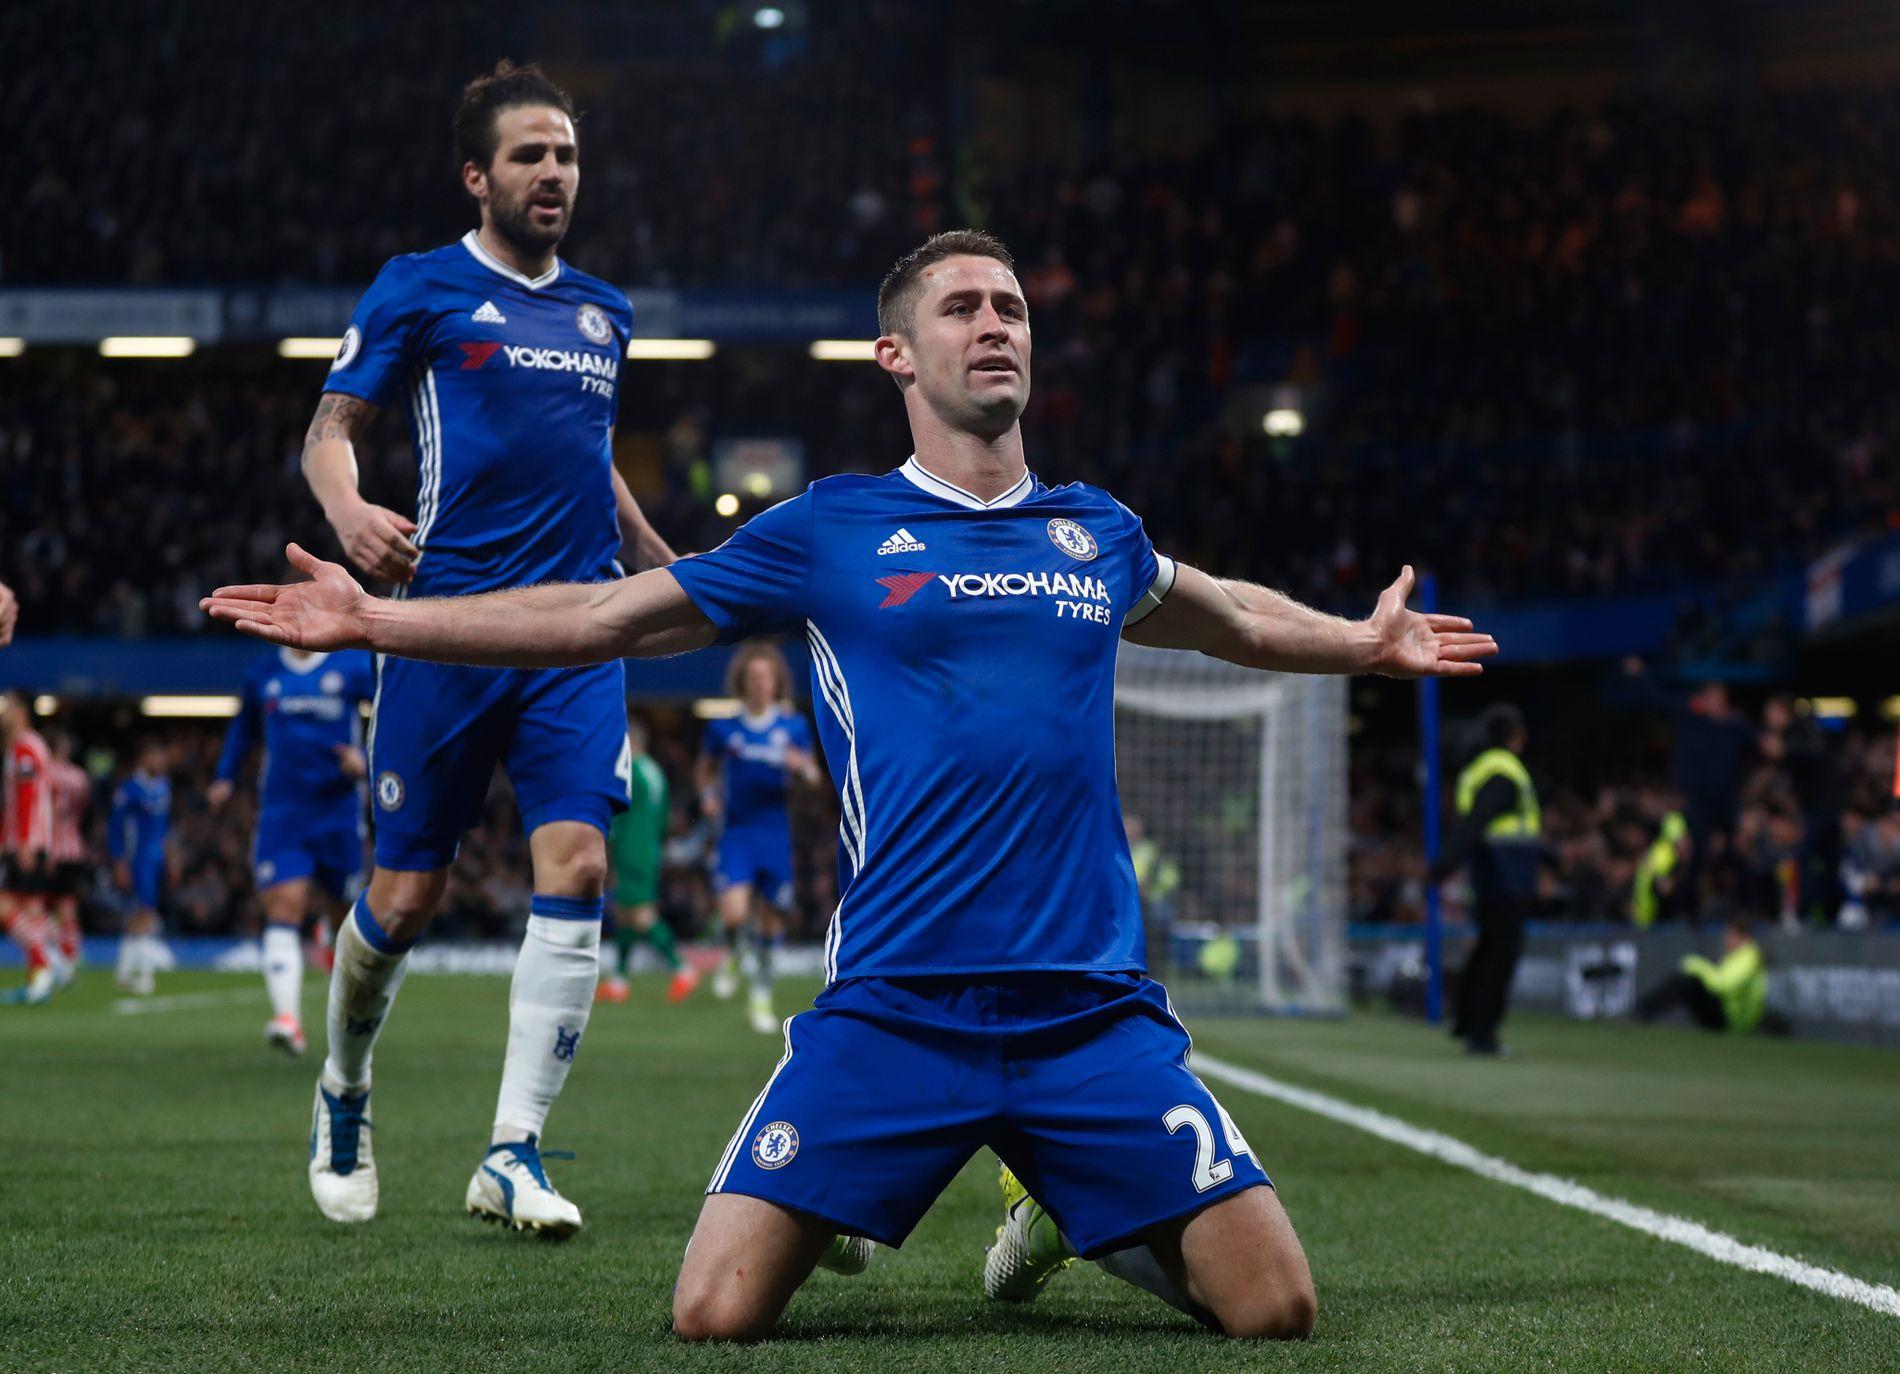 2-1: Gary Cahill jubler etter å ha nikket Chelsea i ledelsen rett før pause. I bakgrunnen Cesc Fabregas. Foto: STEFAN WERMUTH, REUTERS